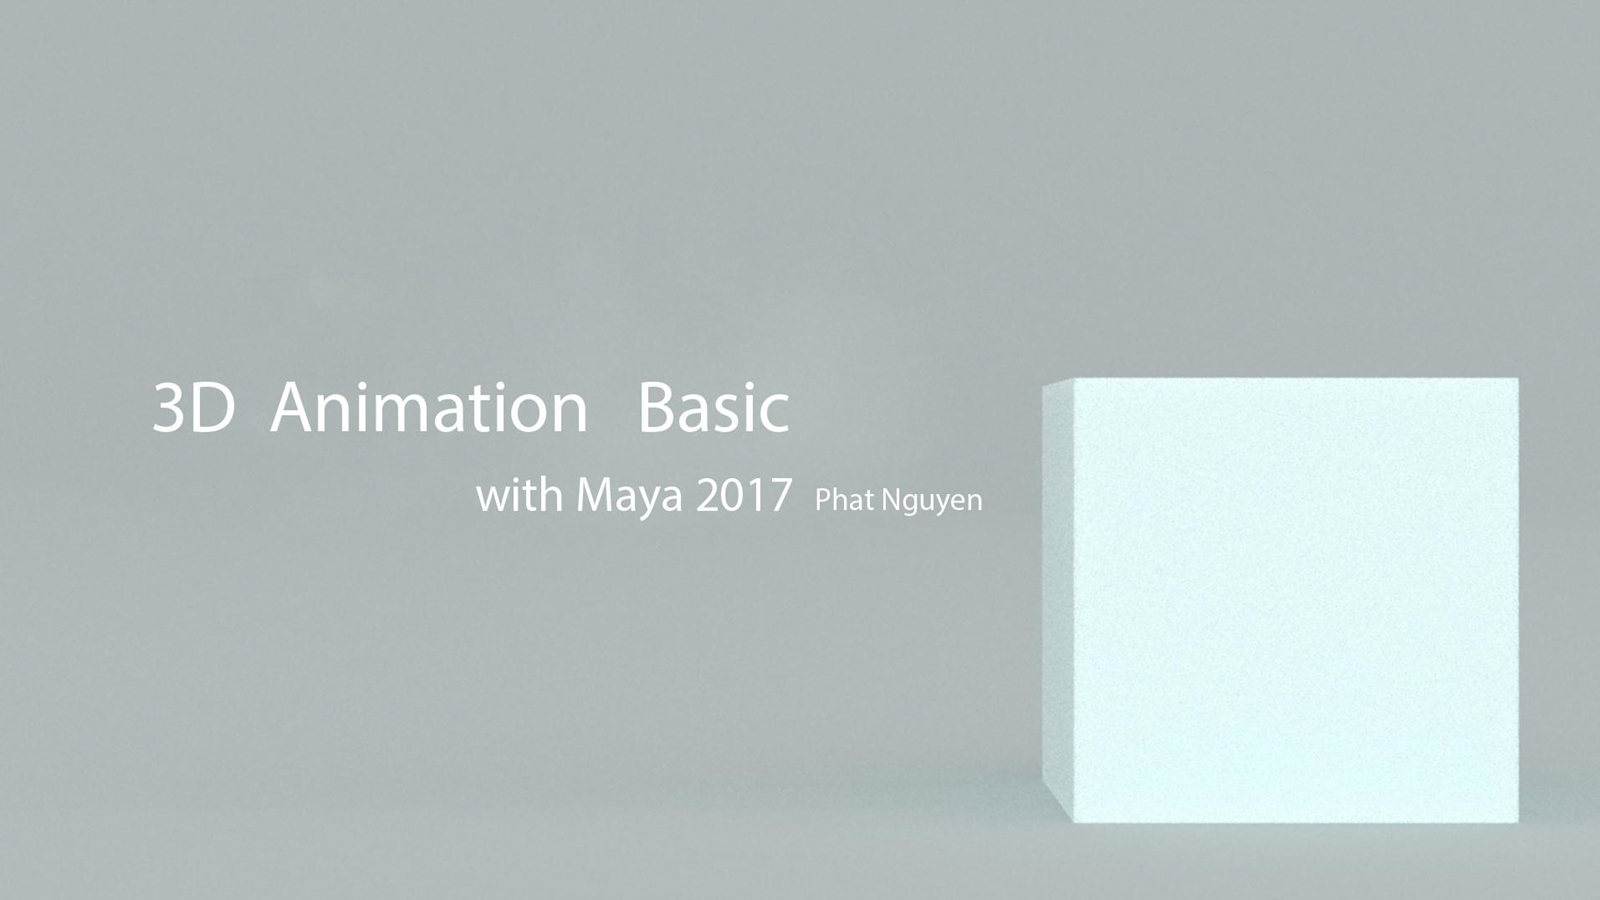 Học diễn hoạt 3D cơ bản với Autodesk Maya - 3D Animation Basic with Maya 2017